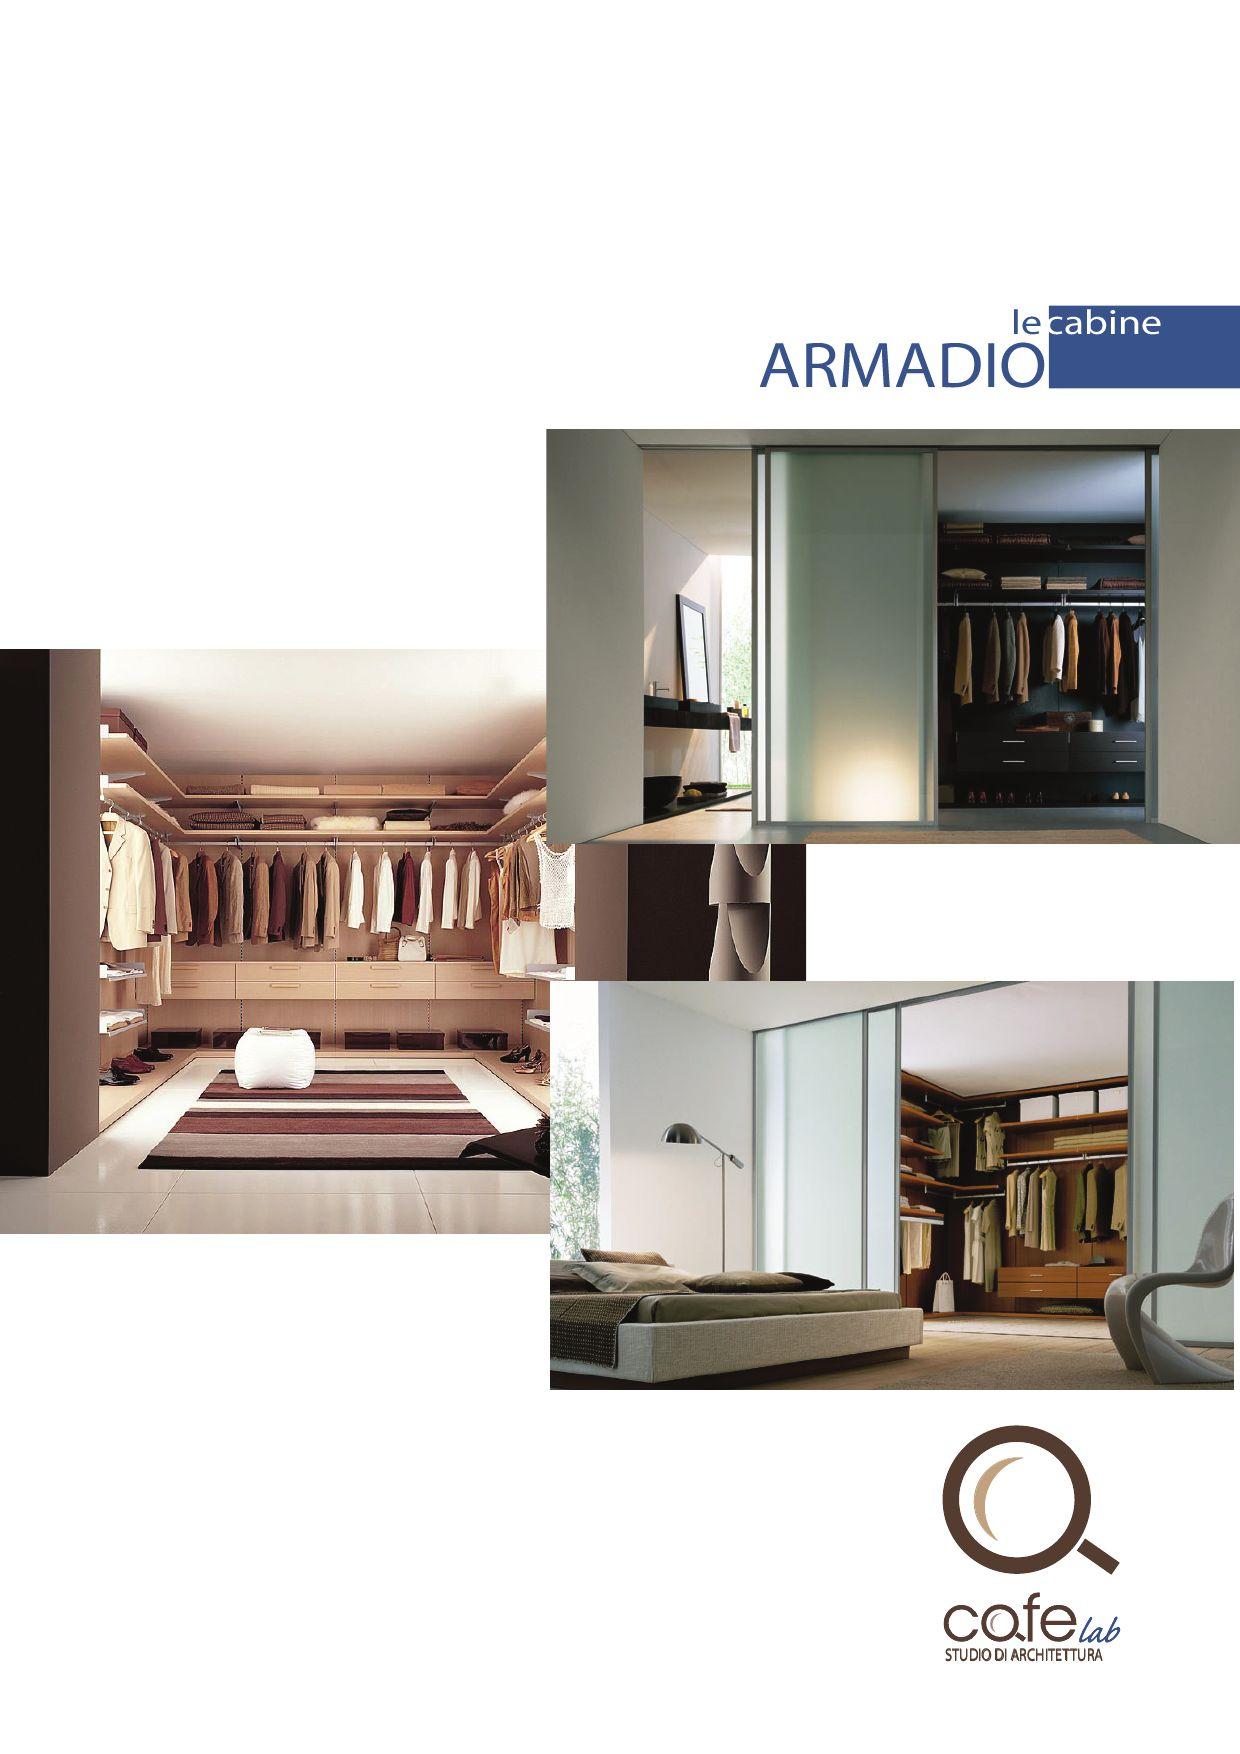 Le cabine armadio by cafelab architettura issuu for Planimetrie e prezzi della cabina di log